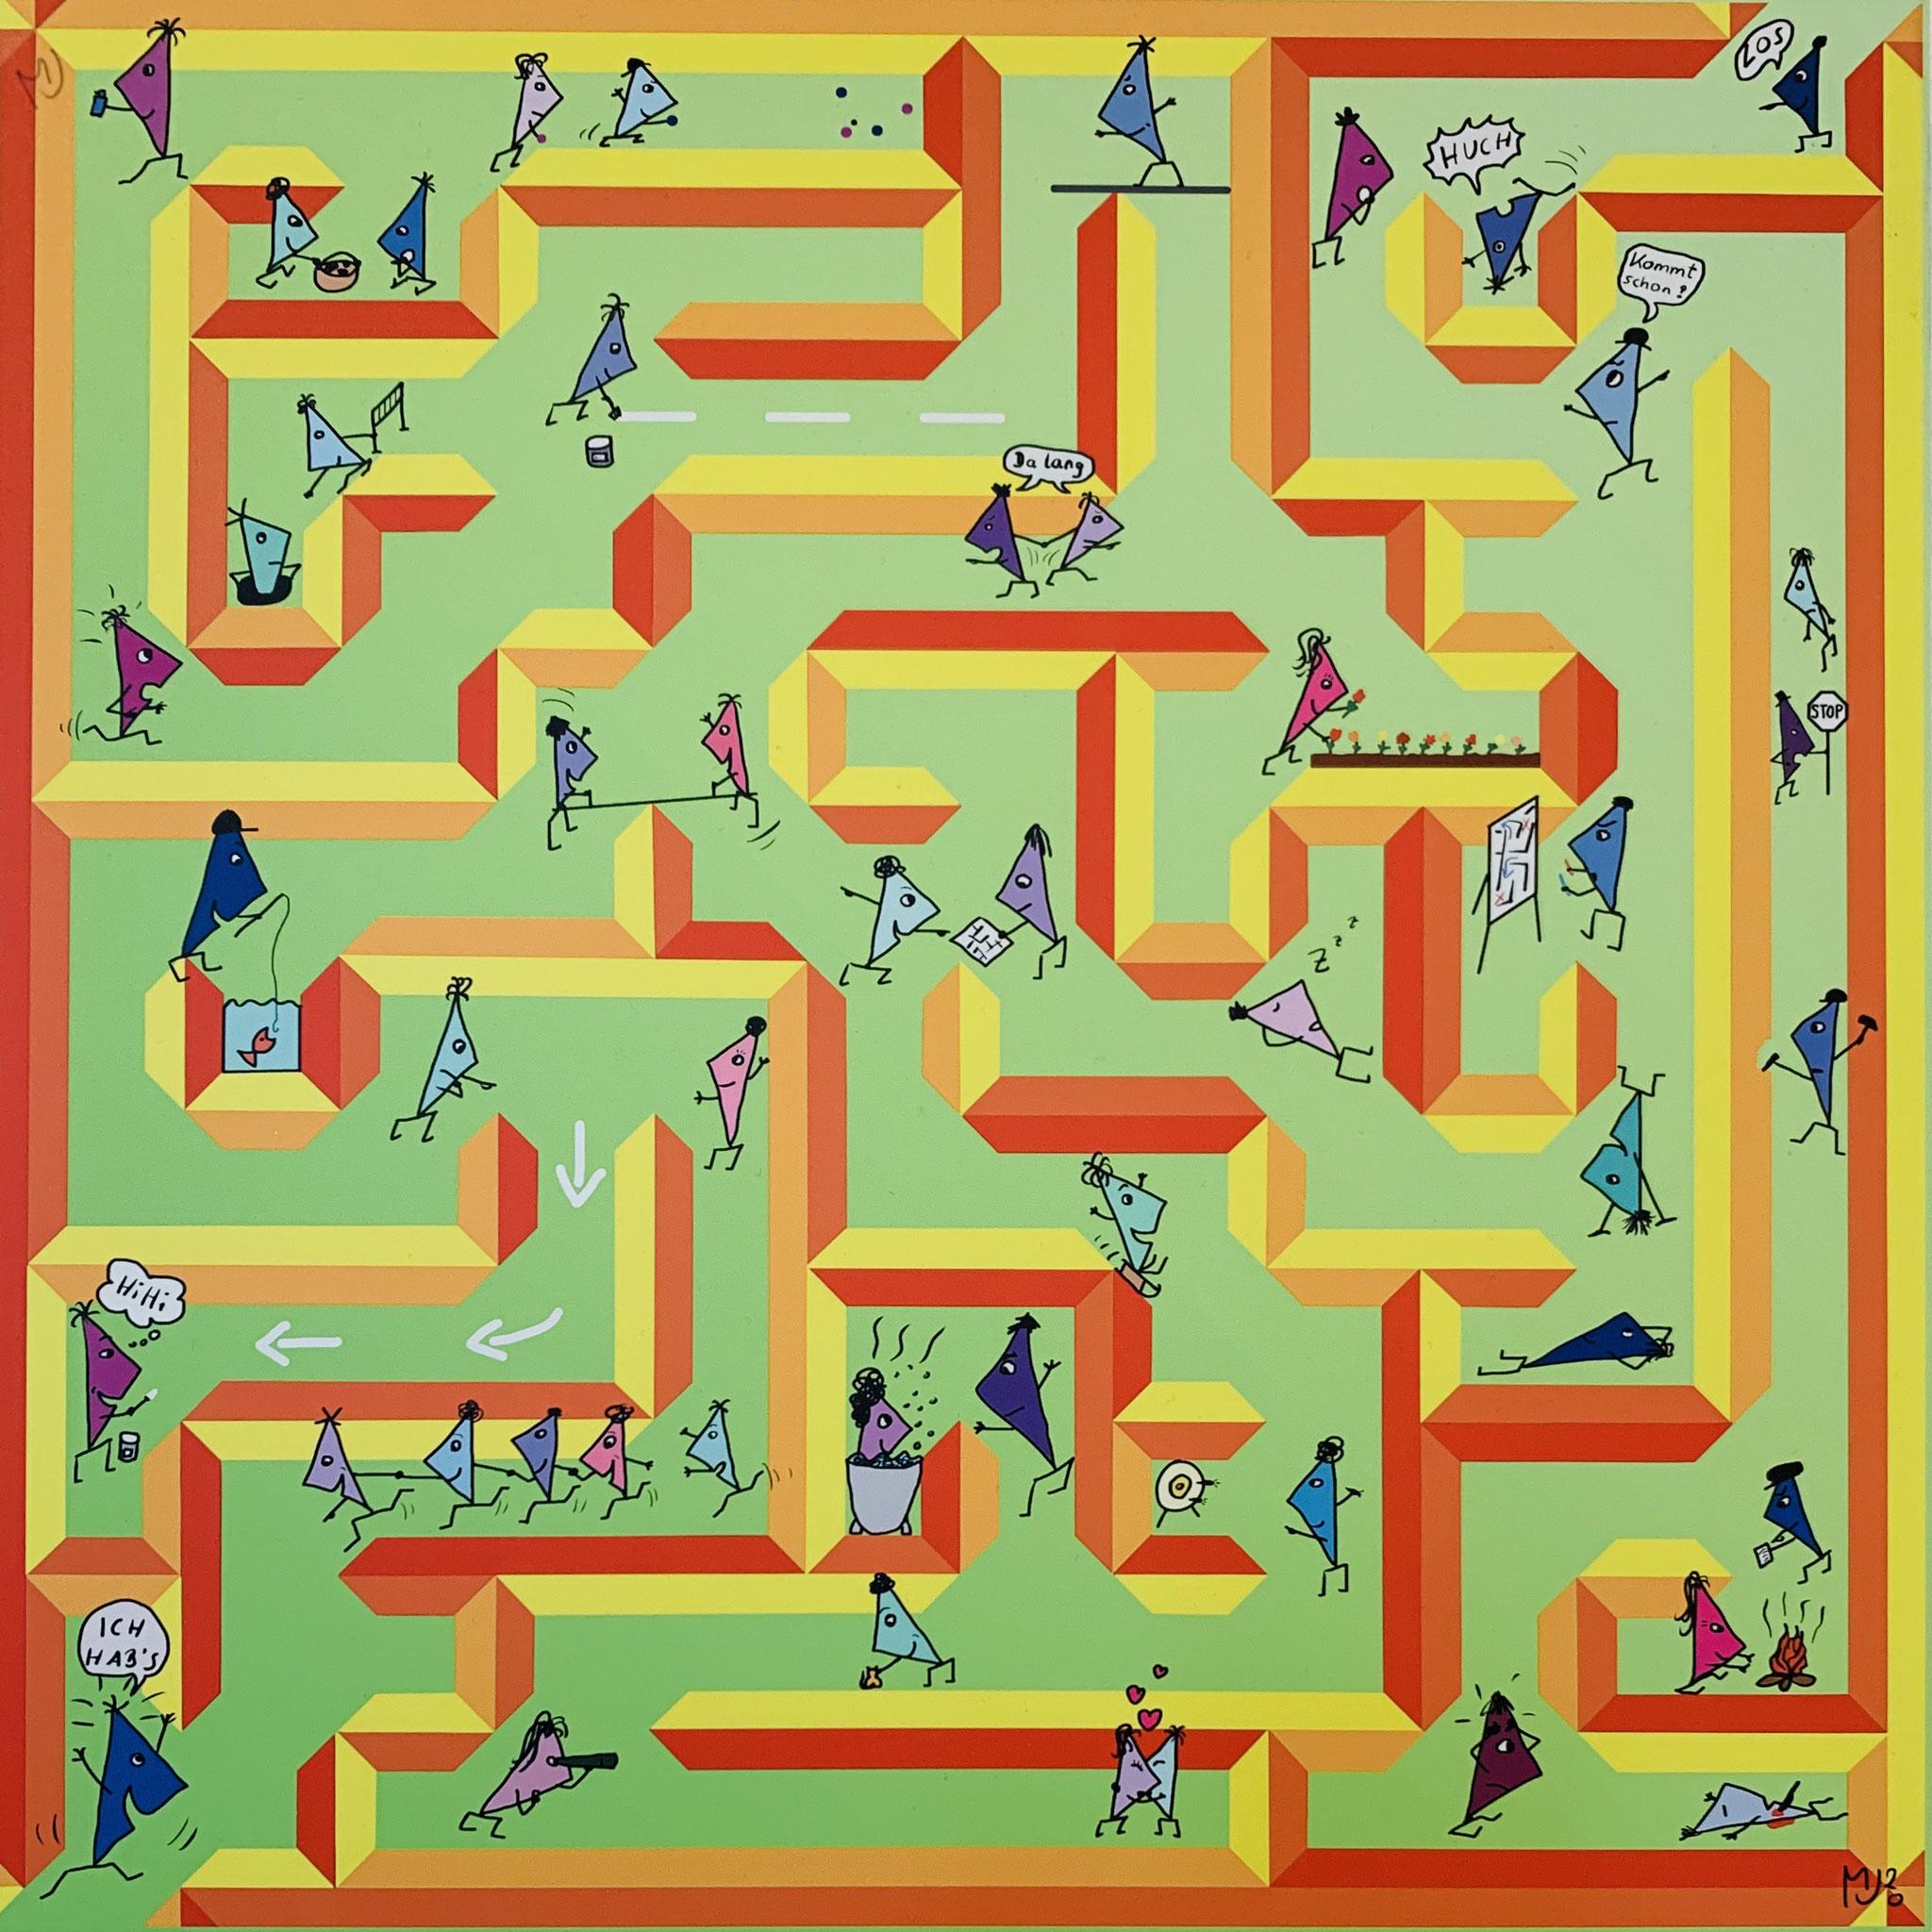 11. Monika Urbainczyk, Die Dreieck Bande im Labyrinth, digital mit einem Grafik Tablet gezeichnet und auf 40x40 cm2 Alu-Dibond gedruckt, 2020, 120 EUR